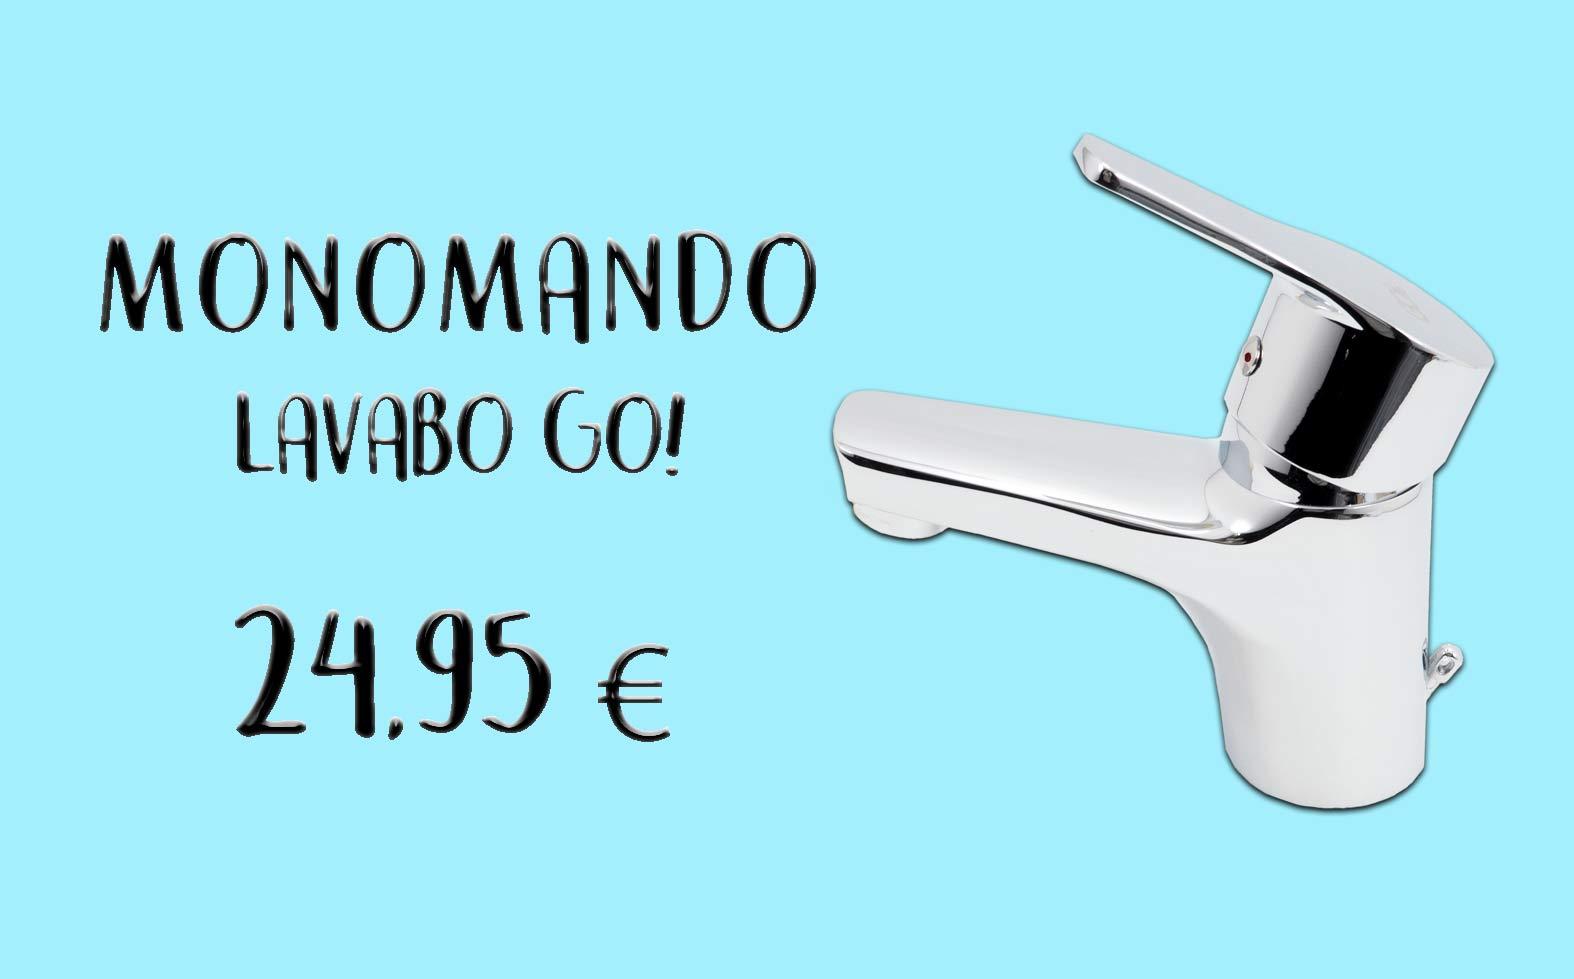 MONOMANDO LAVABO CLEVER GO!